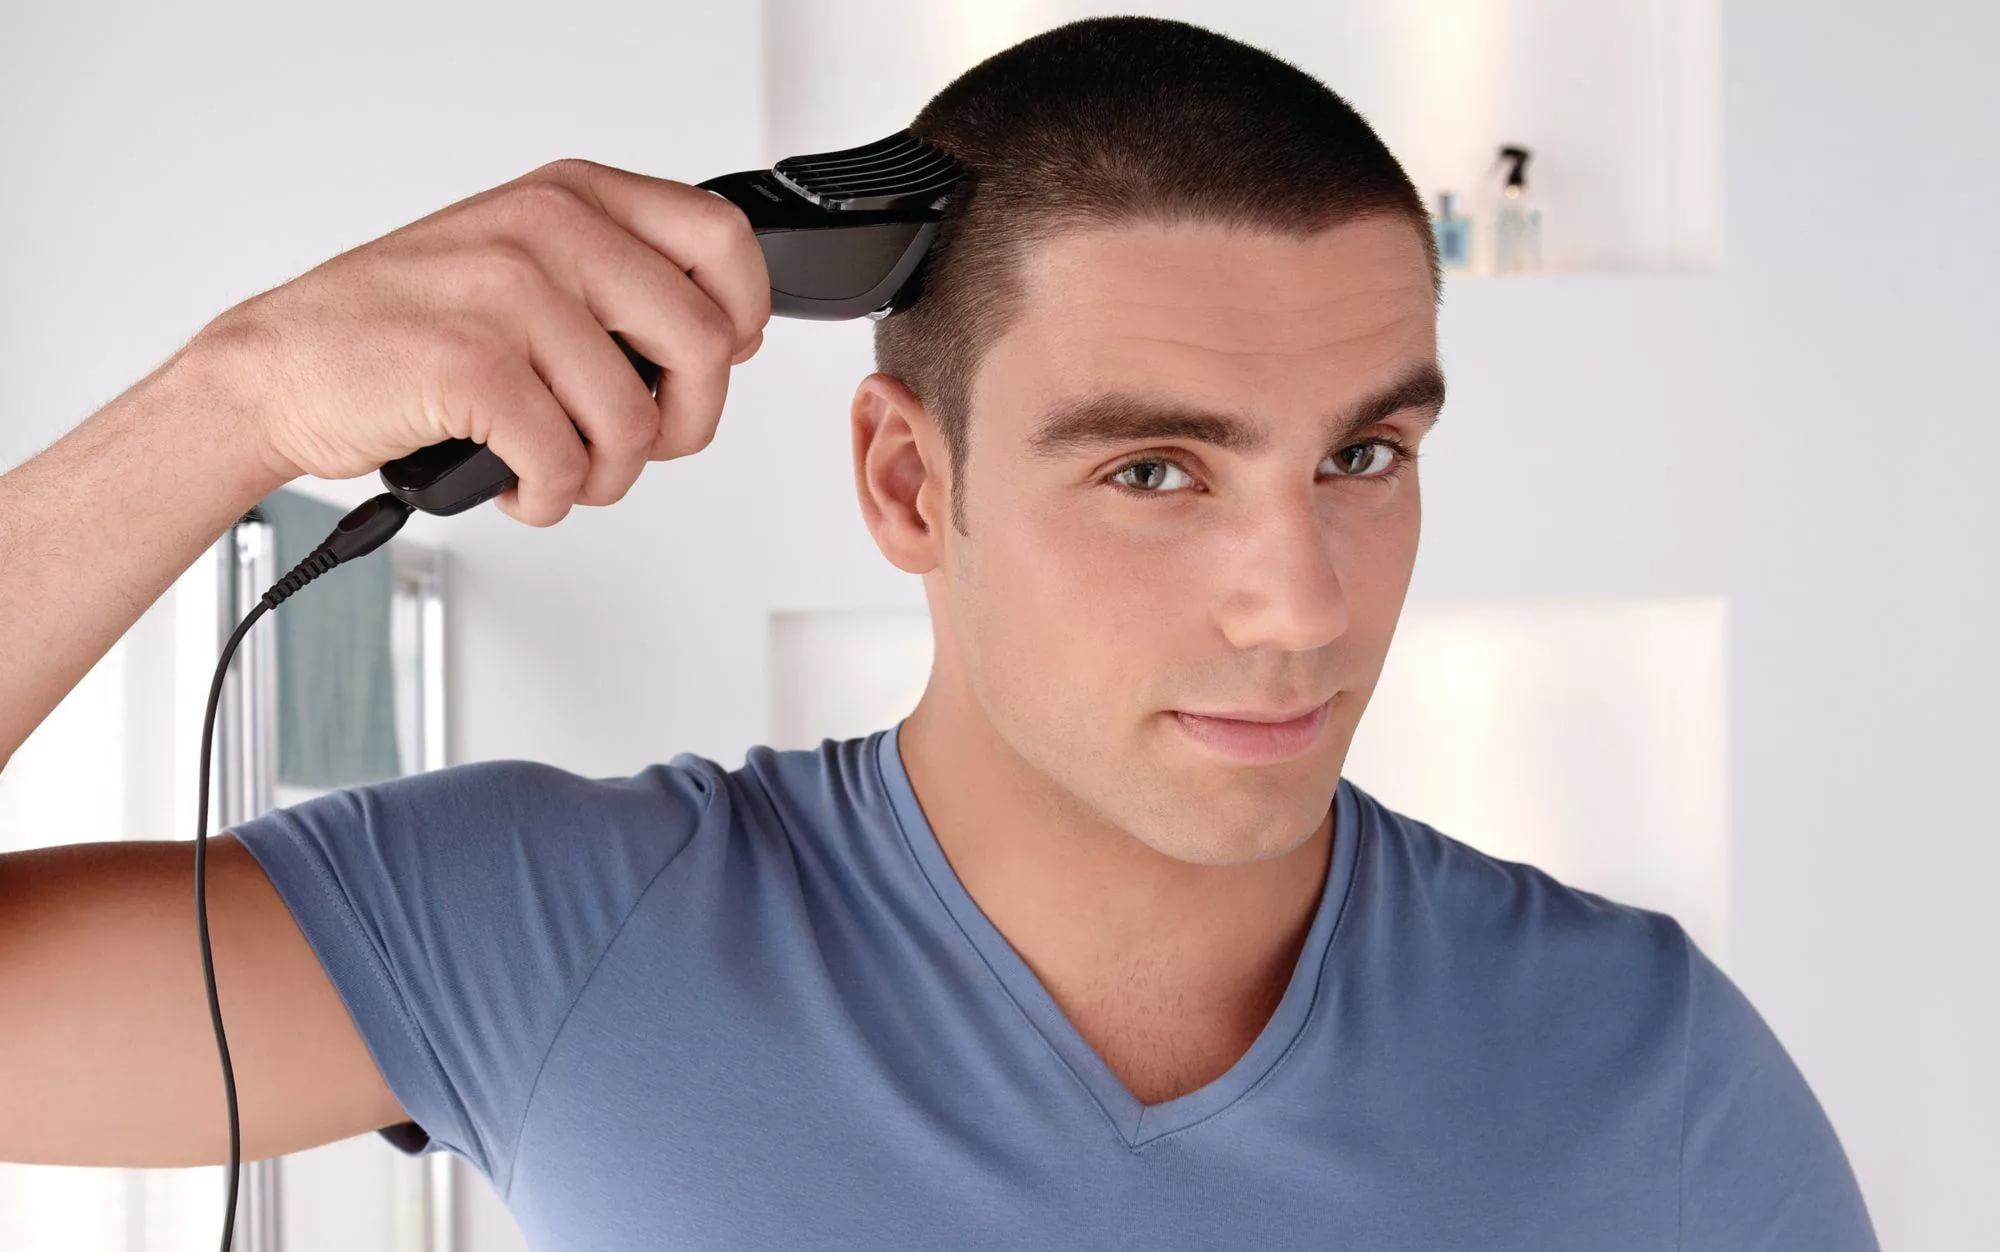 среде как выглядеть стильно парикмахеру фото его